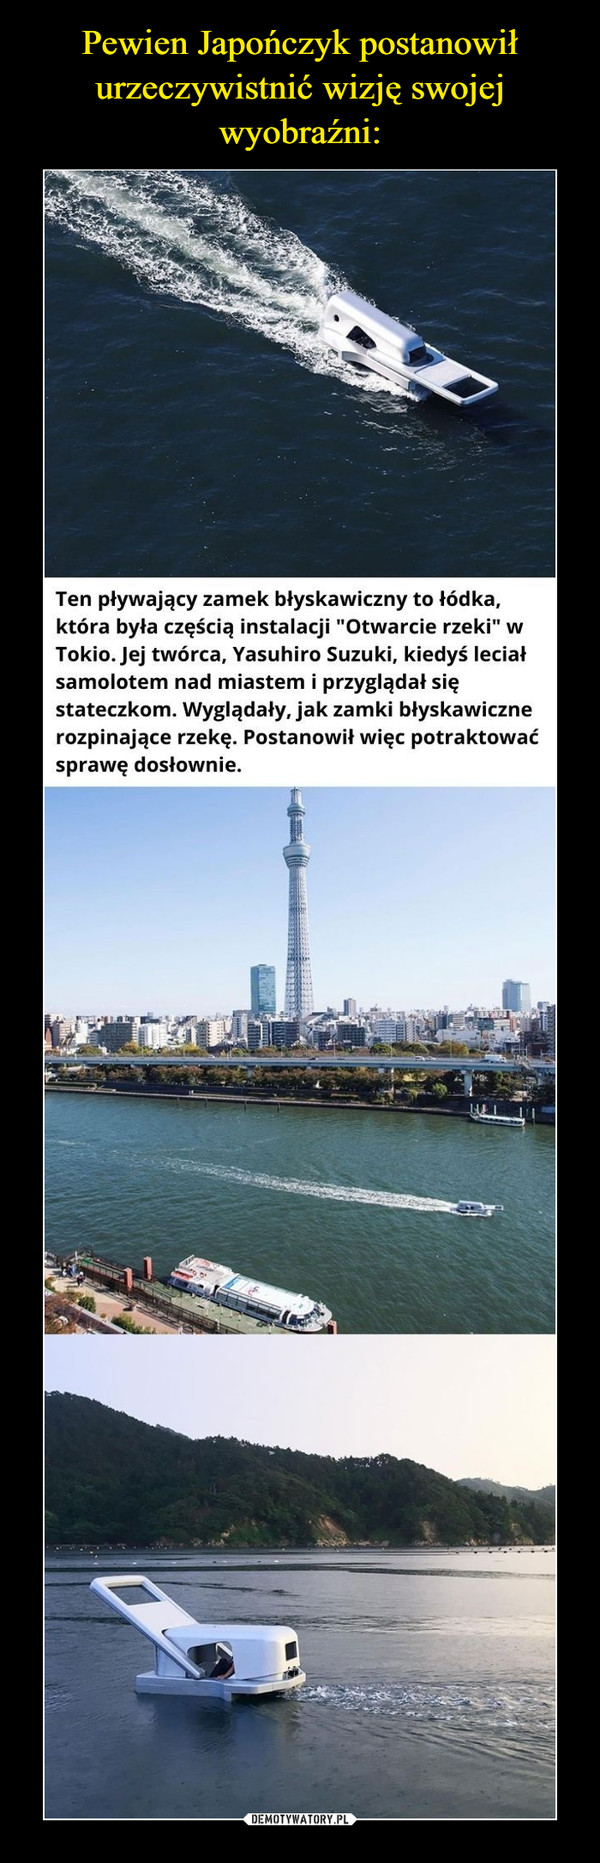 """–  Ten pływający zamek błyskawiczny to łódka,która była częścią instalacji """"Otwarcie rzeki"""" wTokio. Jej twórca, Yasuhiro Suzuki, kiedyś leciałsamolotem nad miastem i przyglądał sięstateczkom. Wyglądały, jak zamki błyskawicznerozpinające rzekę. Postanowił więc potraktowaćsprawę dosłownie."""